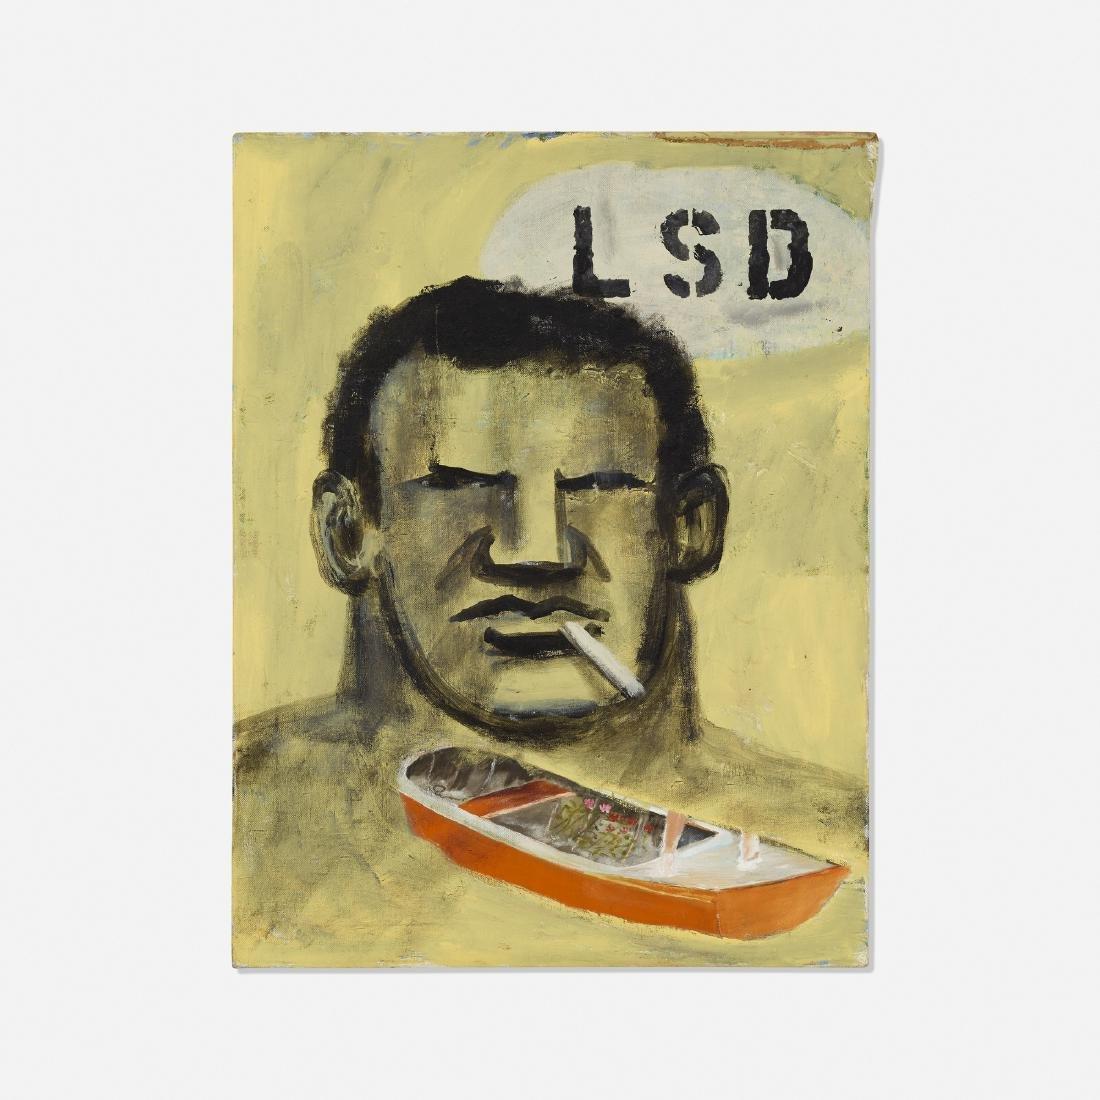 Robert Loughlin, Untitled (LSD)